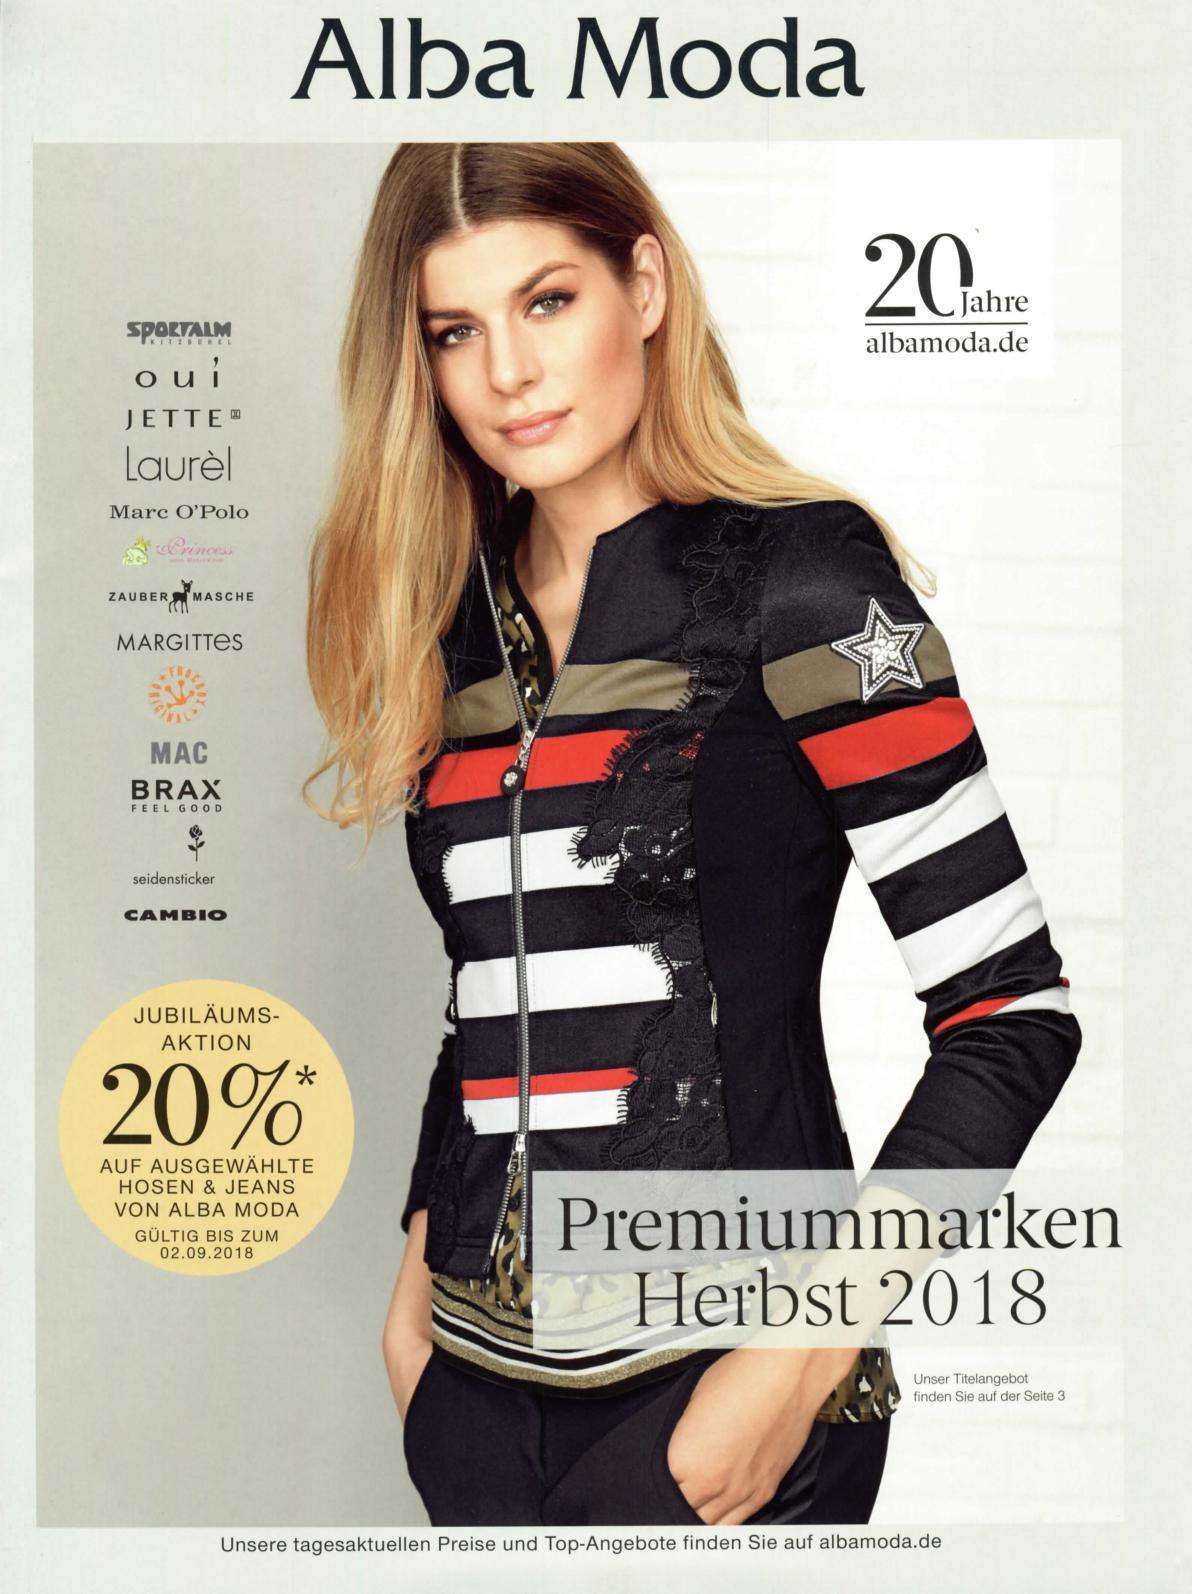 Alba Moda Premiummarken Hw19 - CALAMEO Downloader